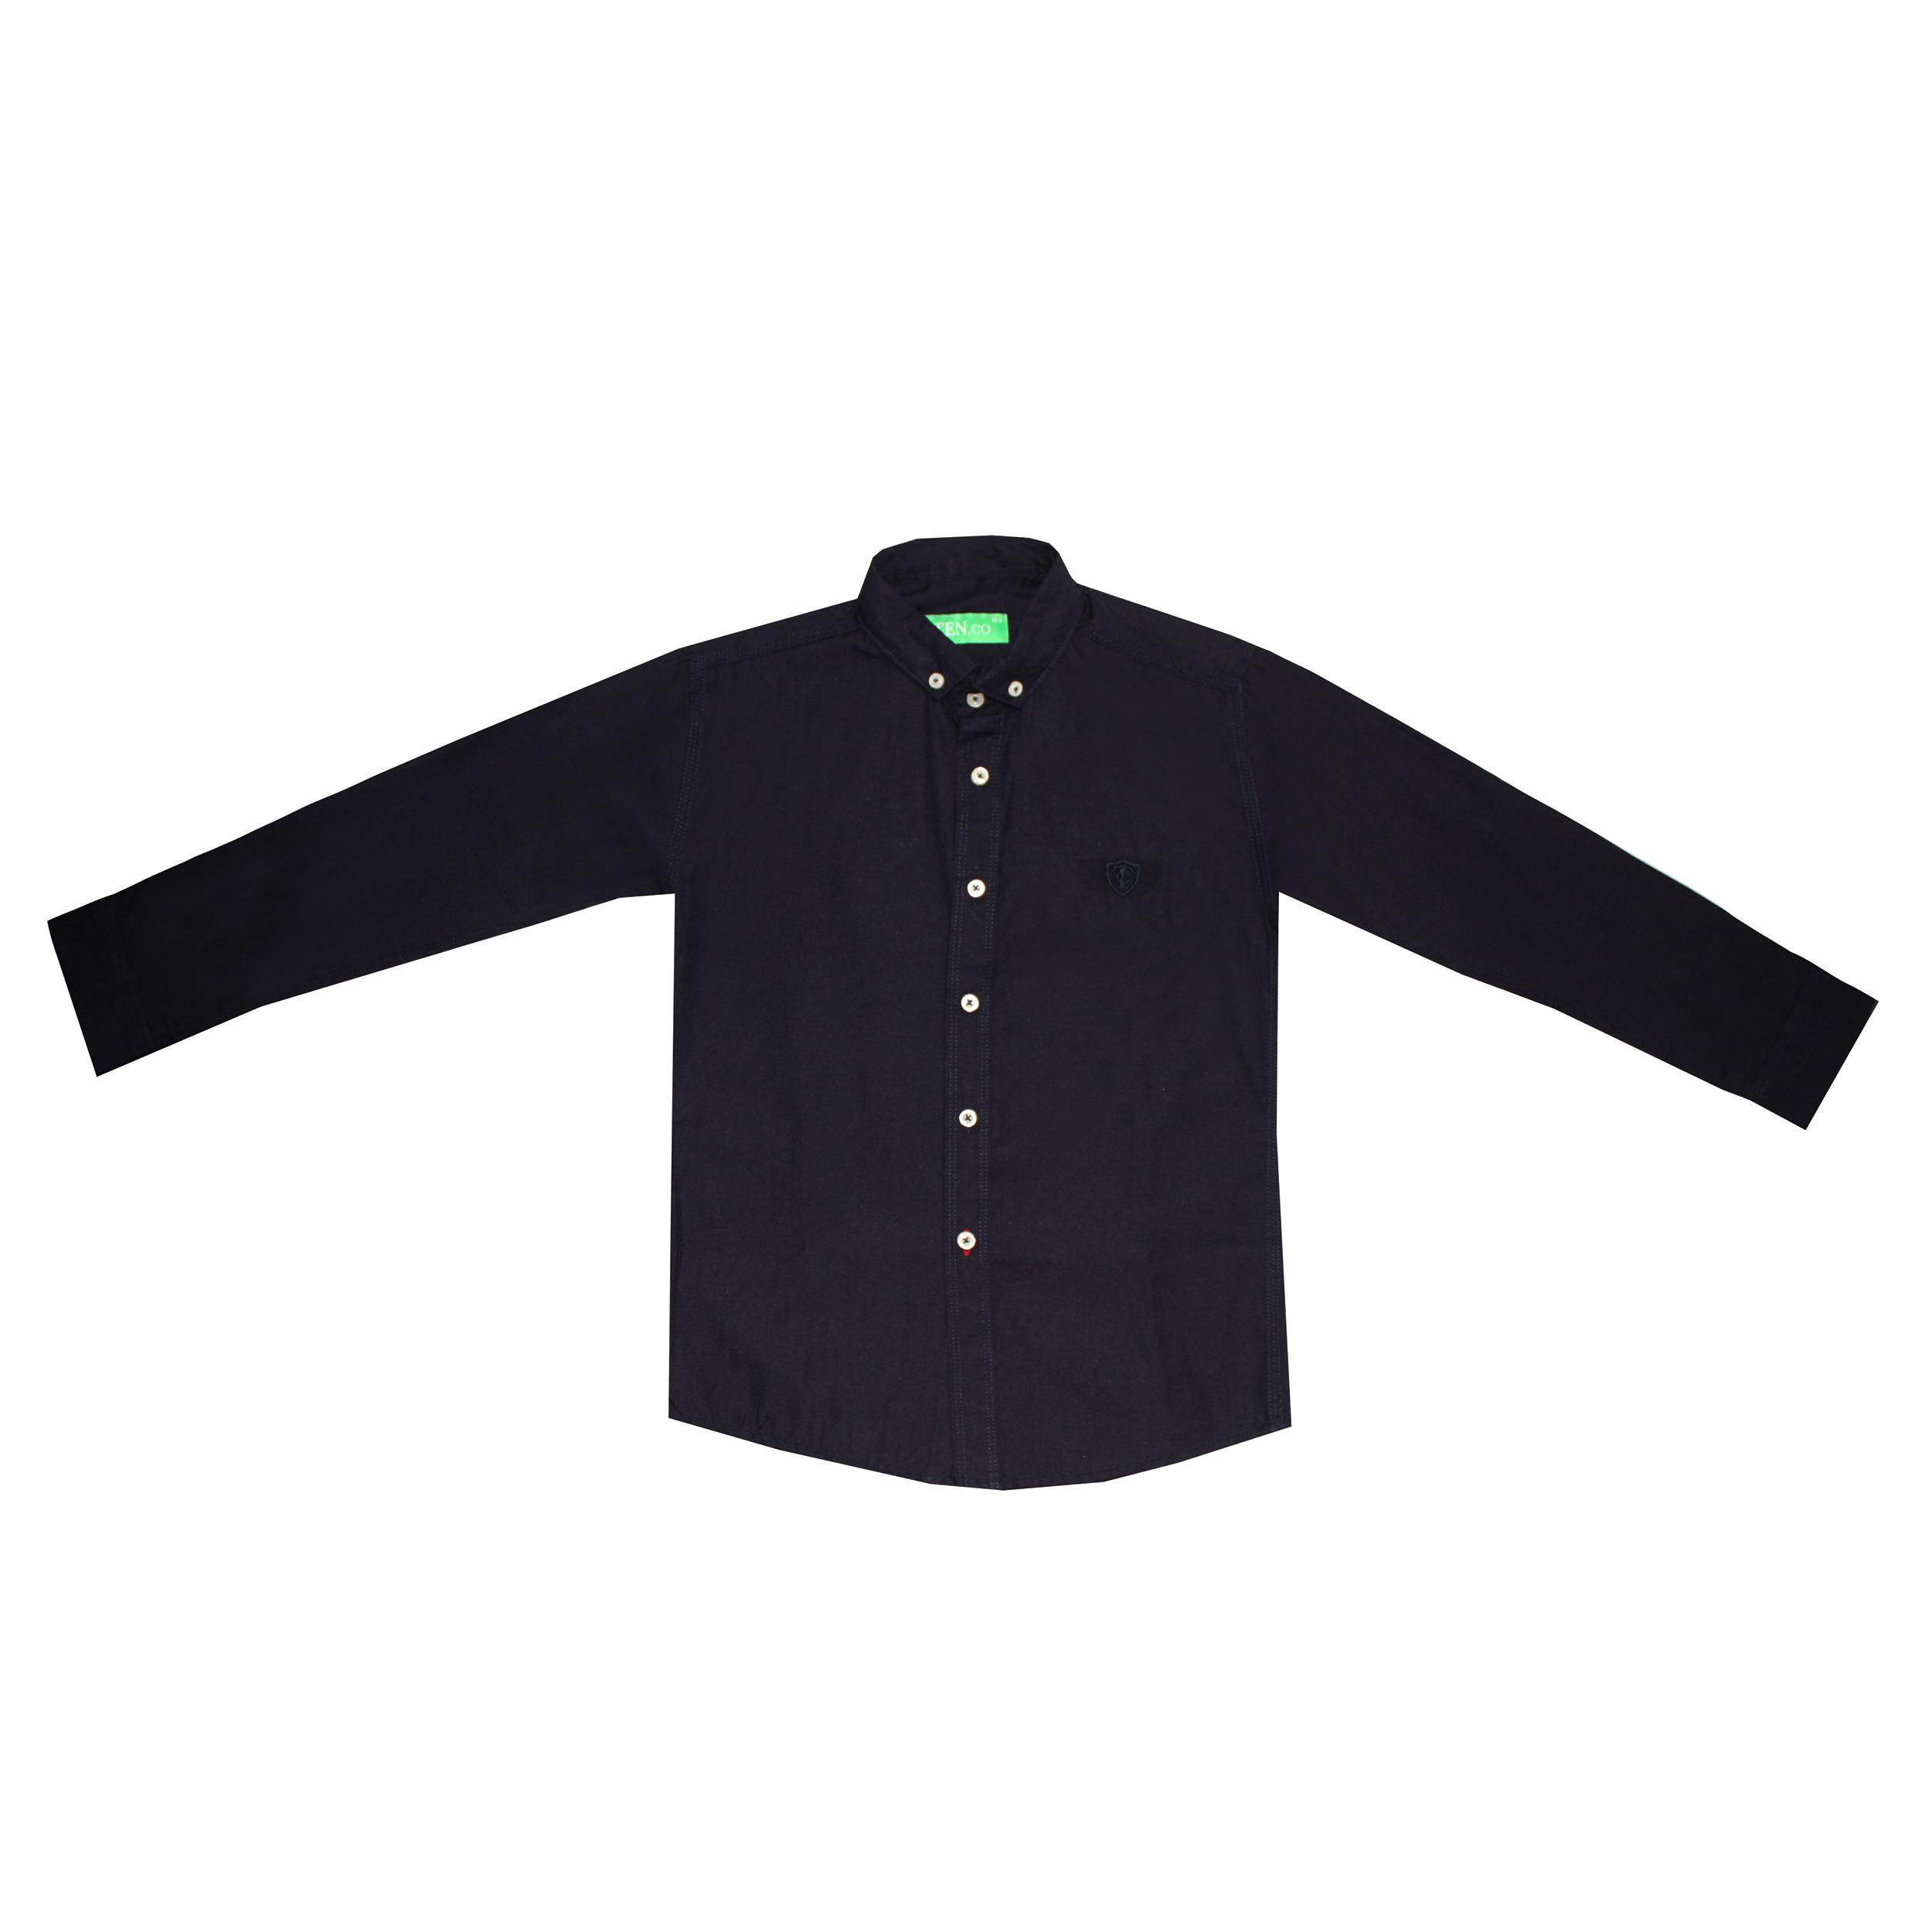 پیراهن پسرانه تن مدل 09